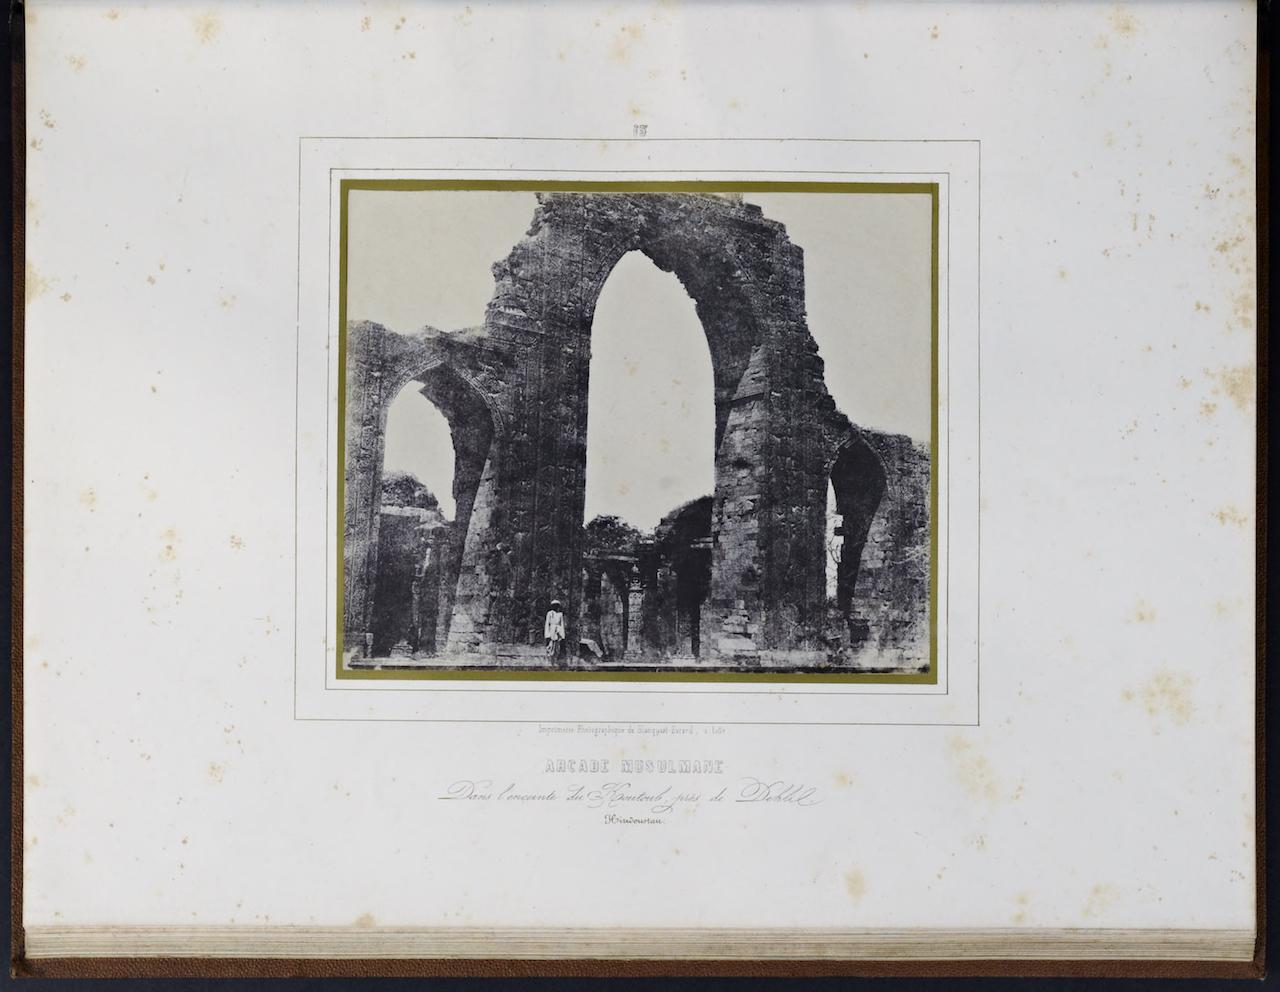 """Louis Désiré Blanquart-Evrard, """"Arcade Musulmane"""" from """"Album photographique de l'artiste et de l'amateur"""" (1851)"""